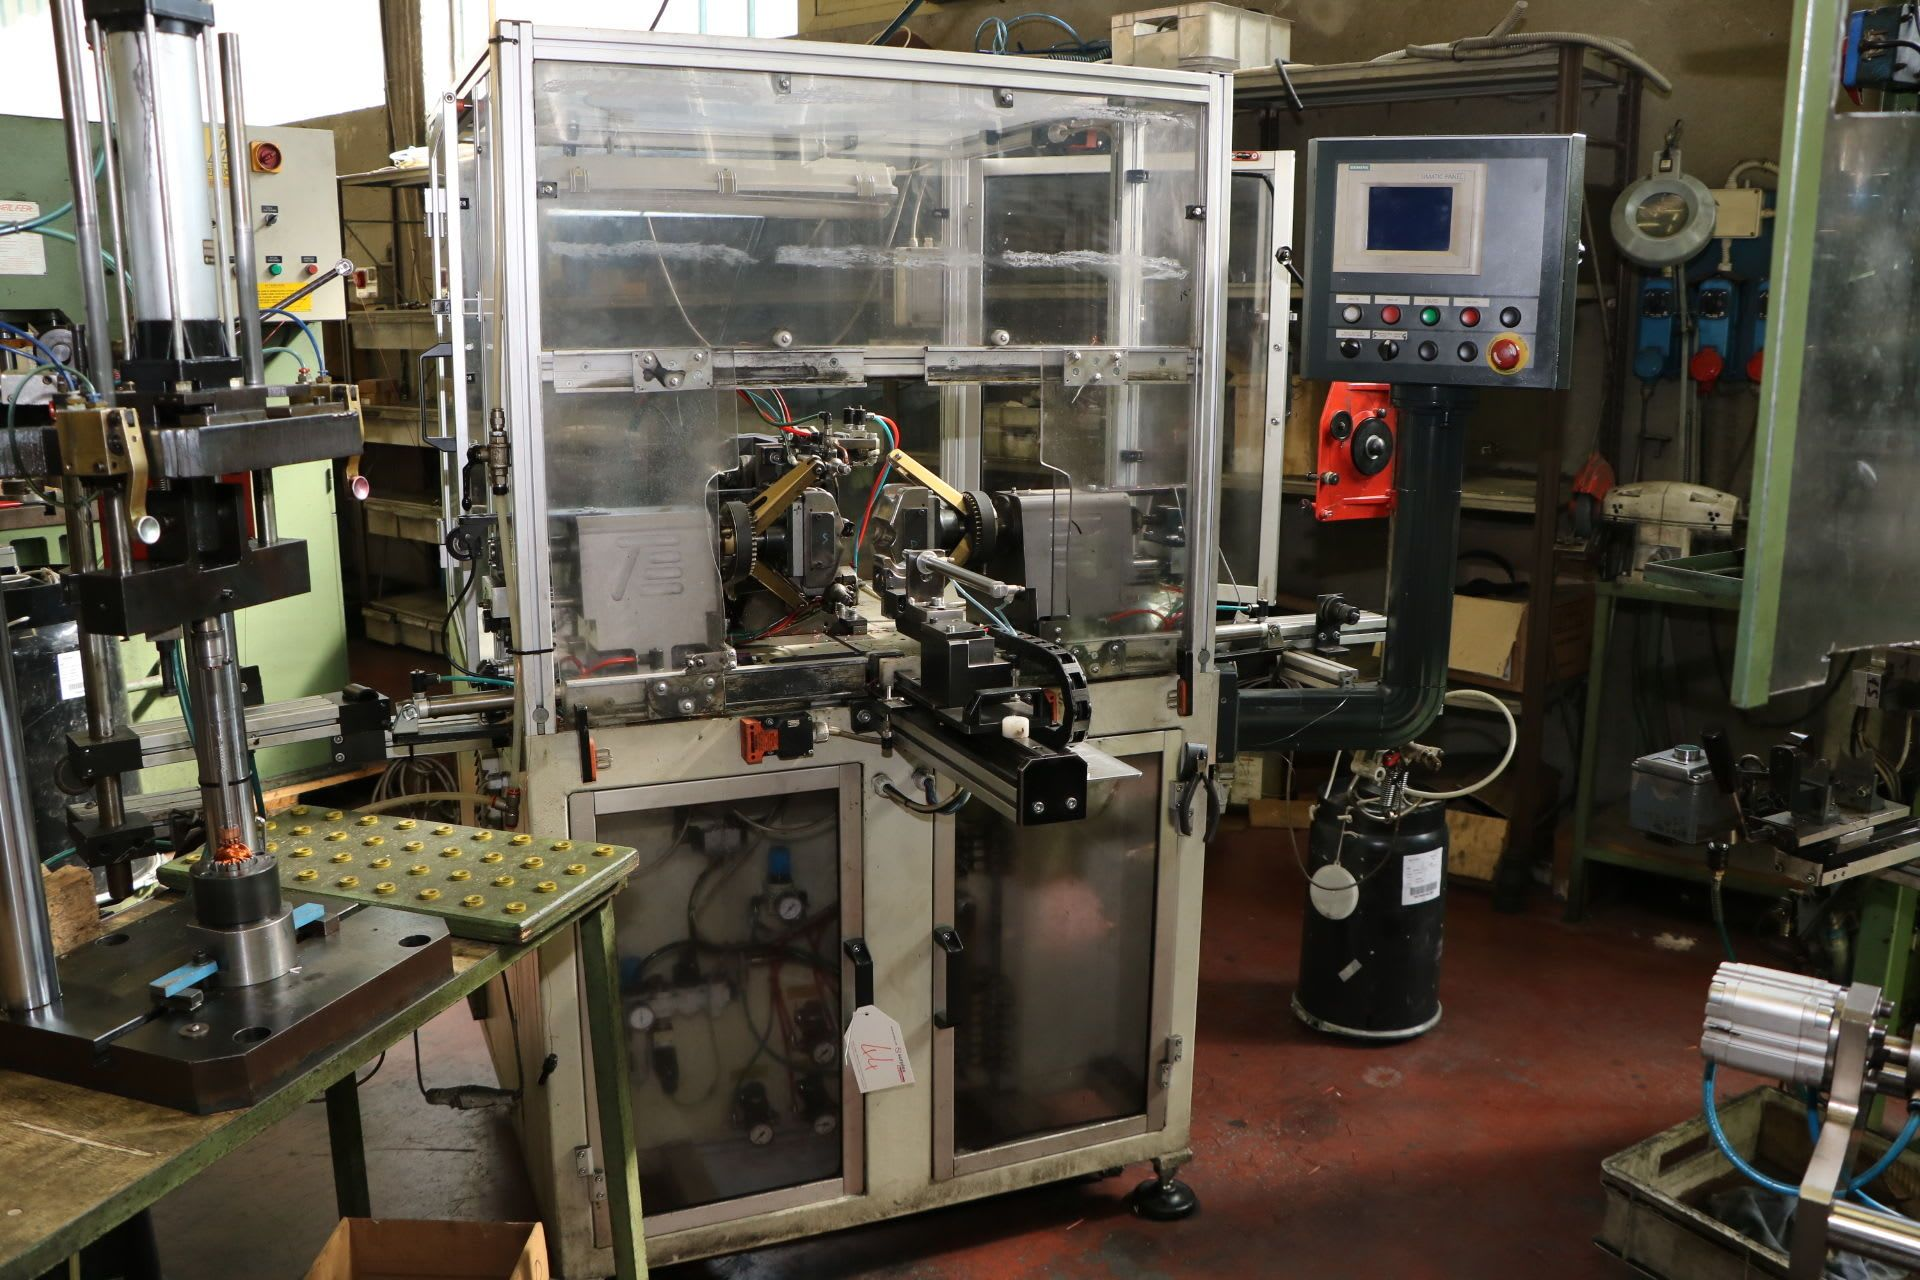 AXIS DAW 200 Wickelmaschine pour Rotoren von Elektromotoren